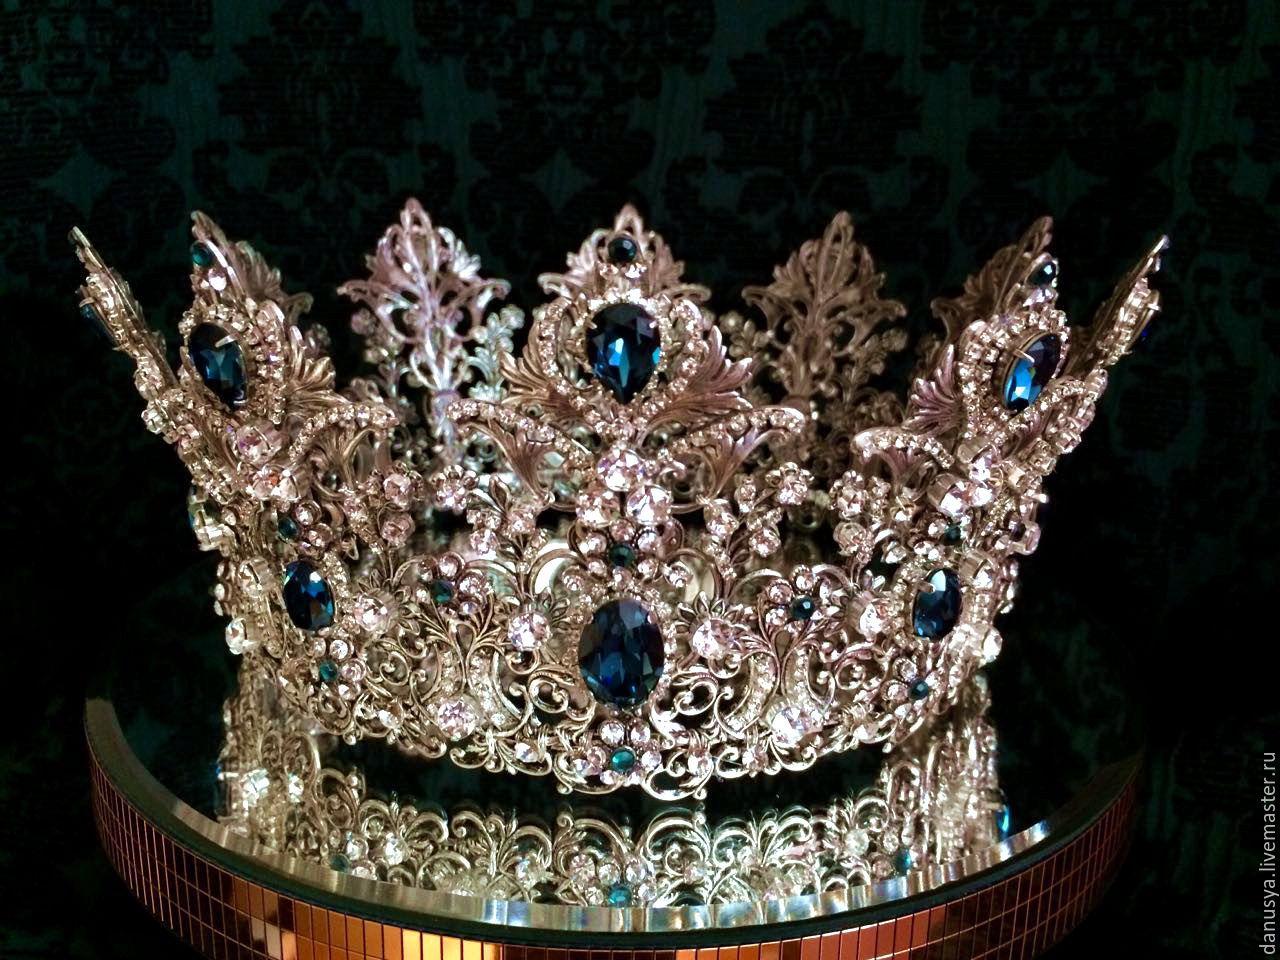 пути, когда фото самой дорогой турецкой короны для мужчин связи этим